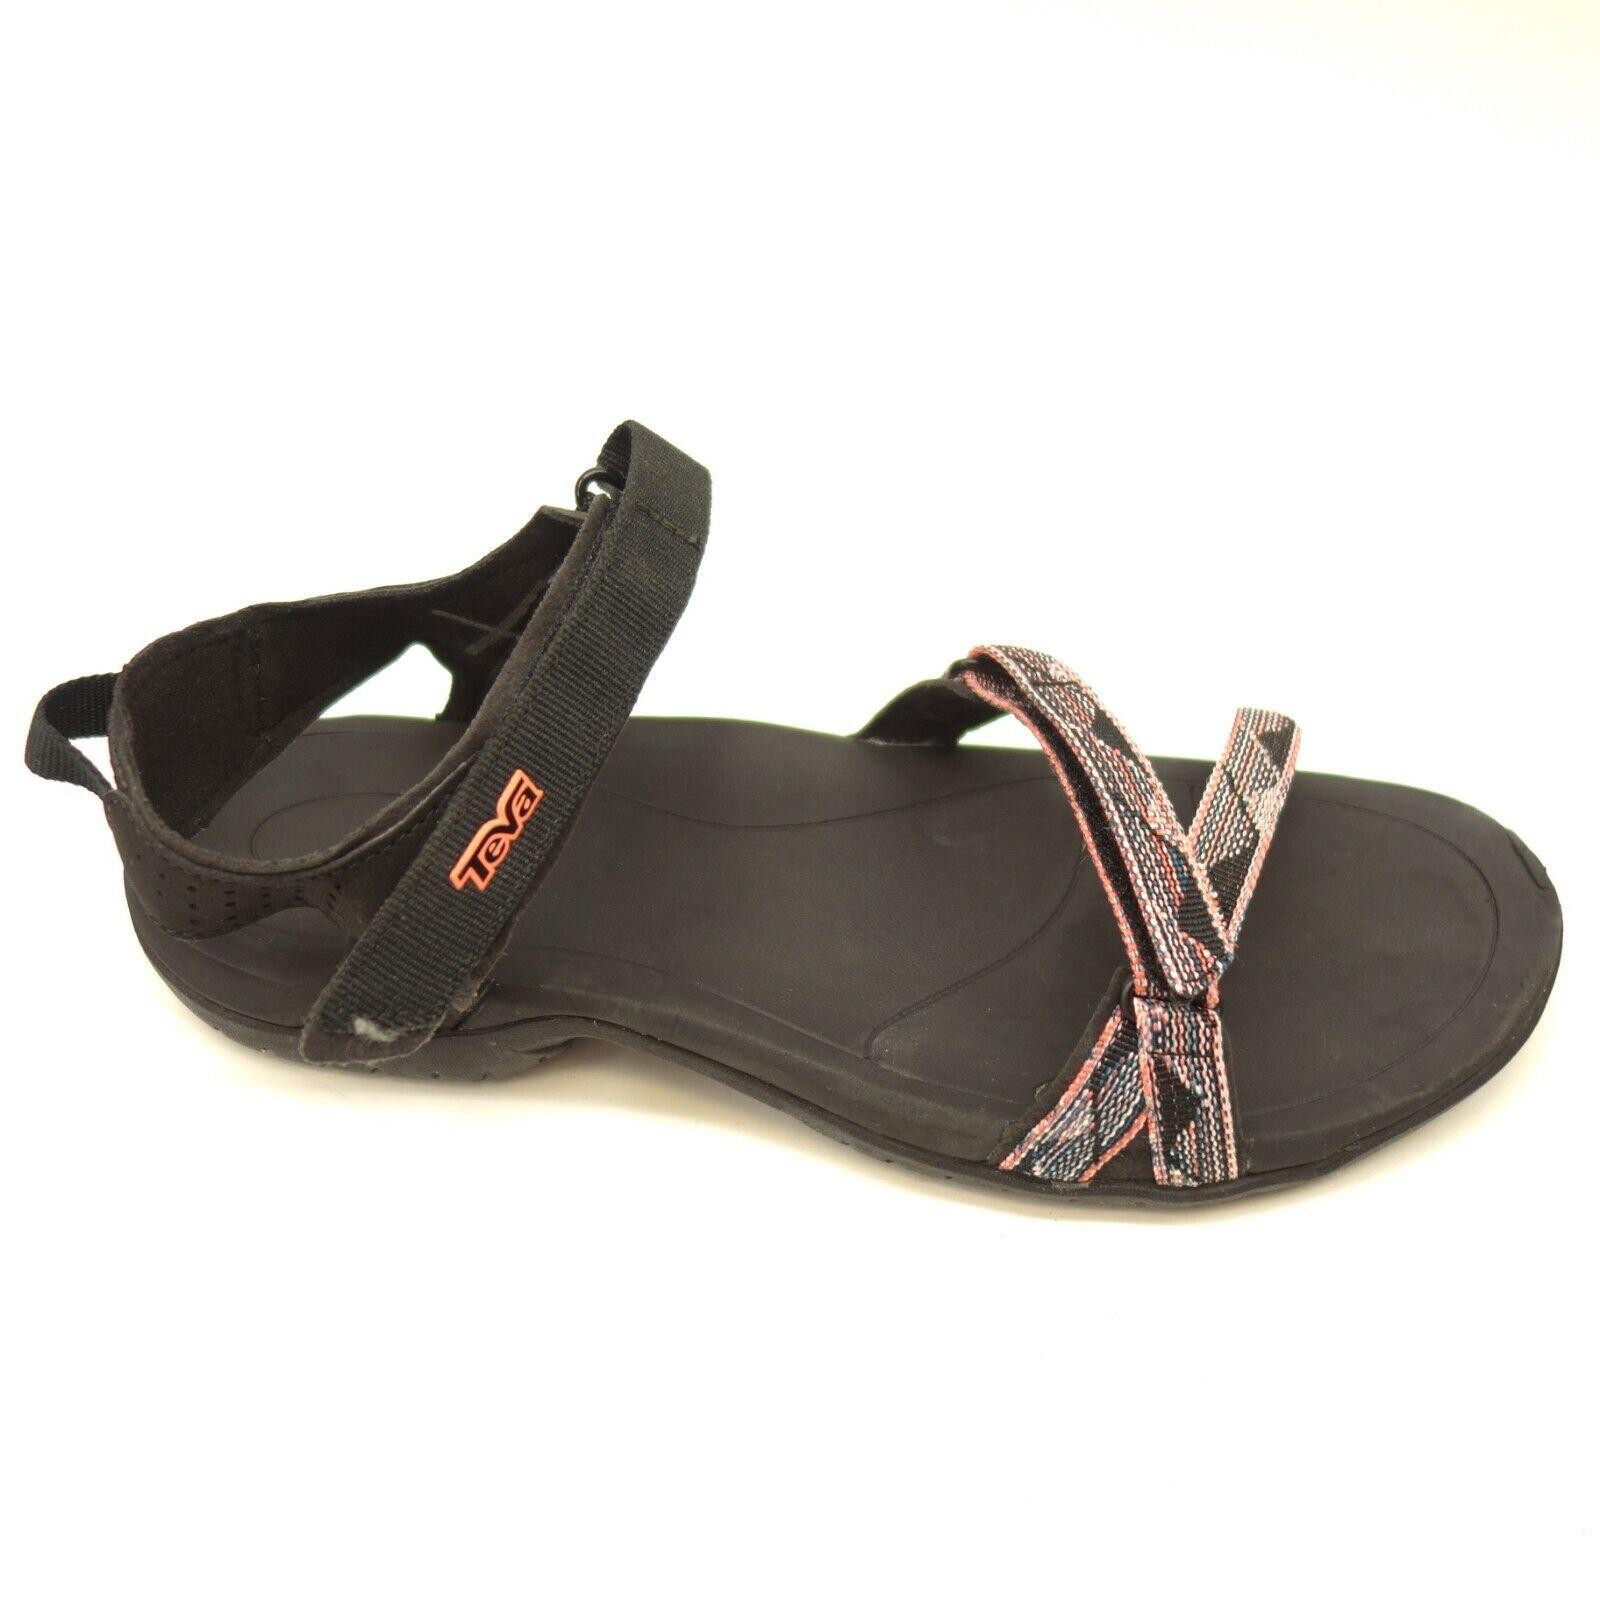 Teva Verra Us 10 Gr. 41 Pfirsich Freizeit Komfort Sandalen Wandern Damen Schuhe